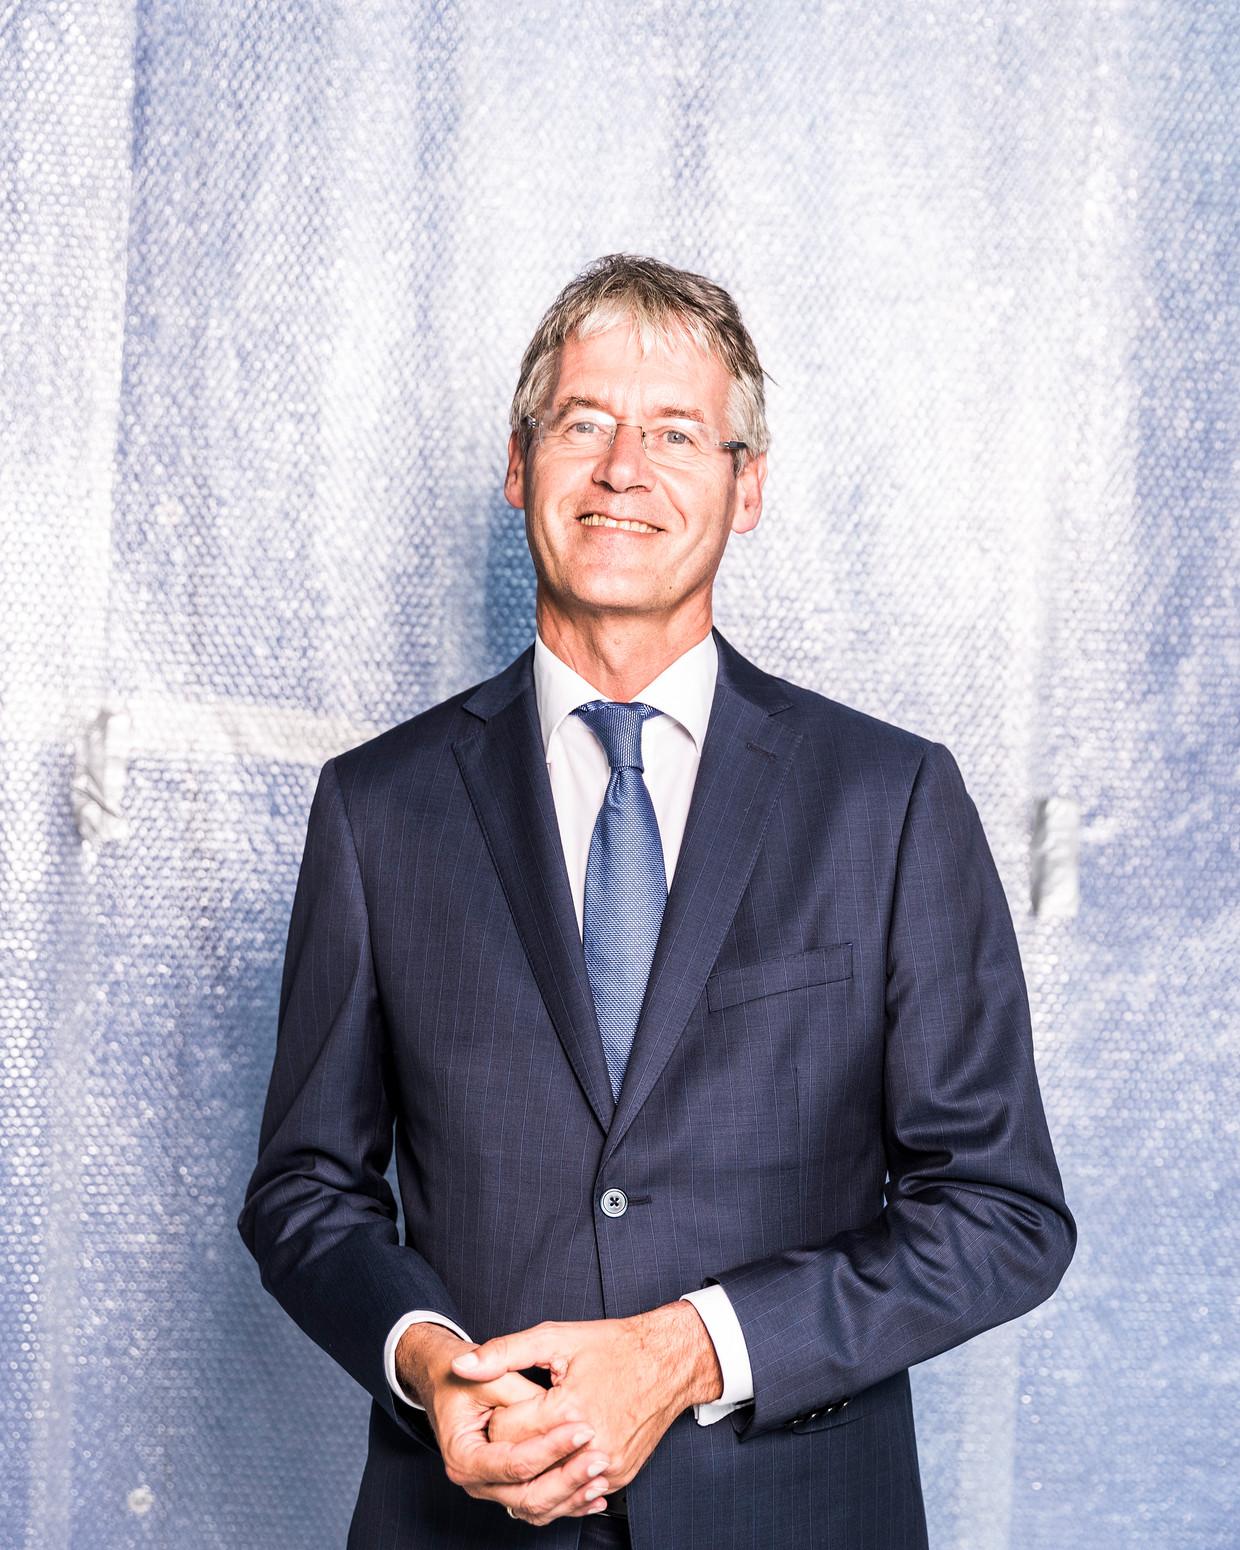 Arie Slob, minister voor Basis- en Voortgezet Onderwijs en Media in het kabinet-Rutte III.